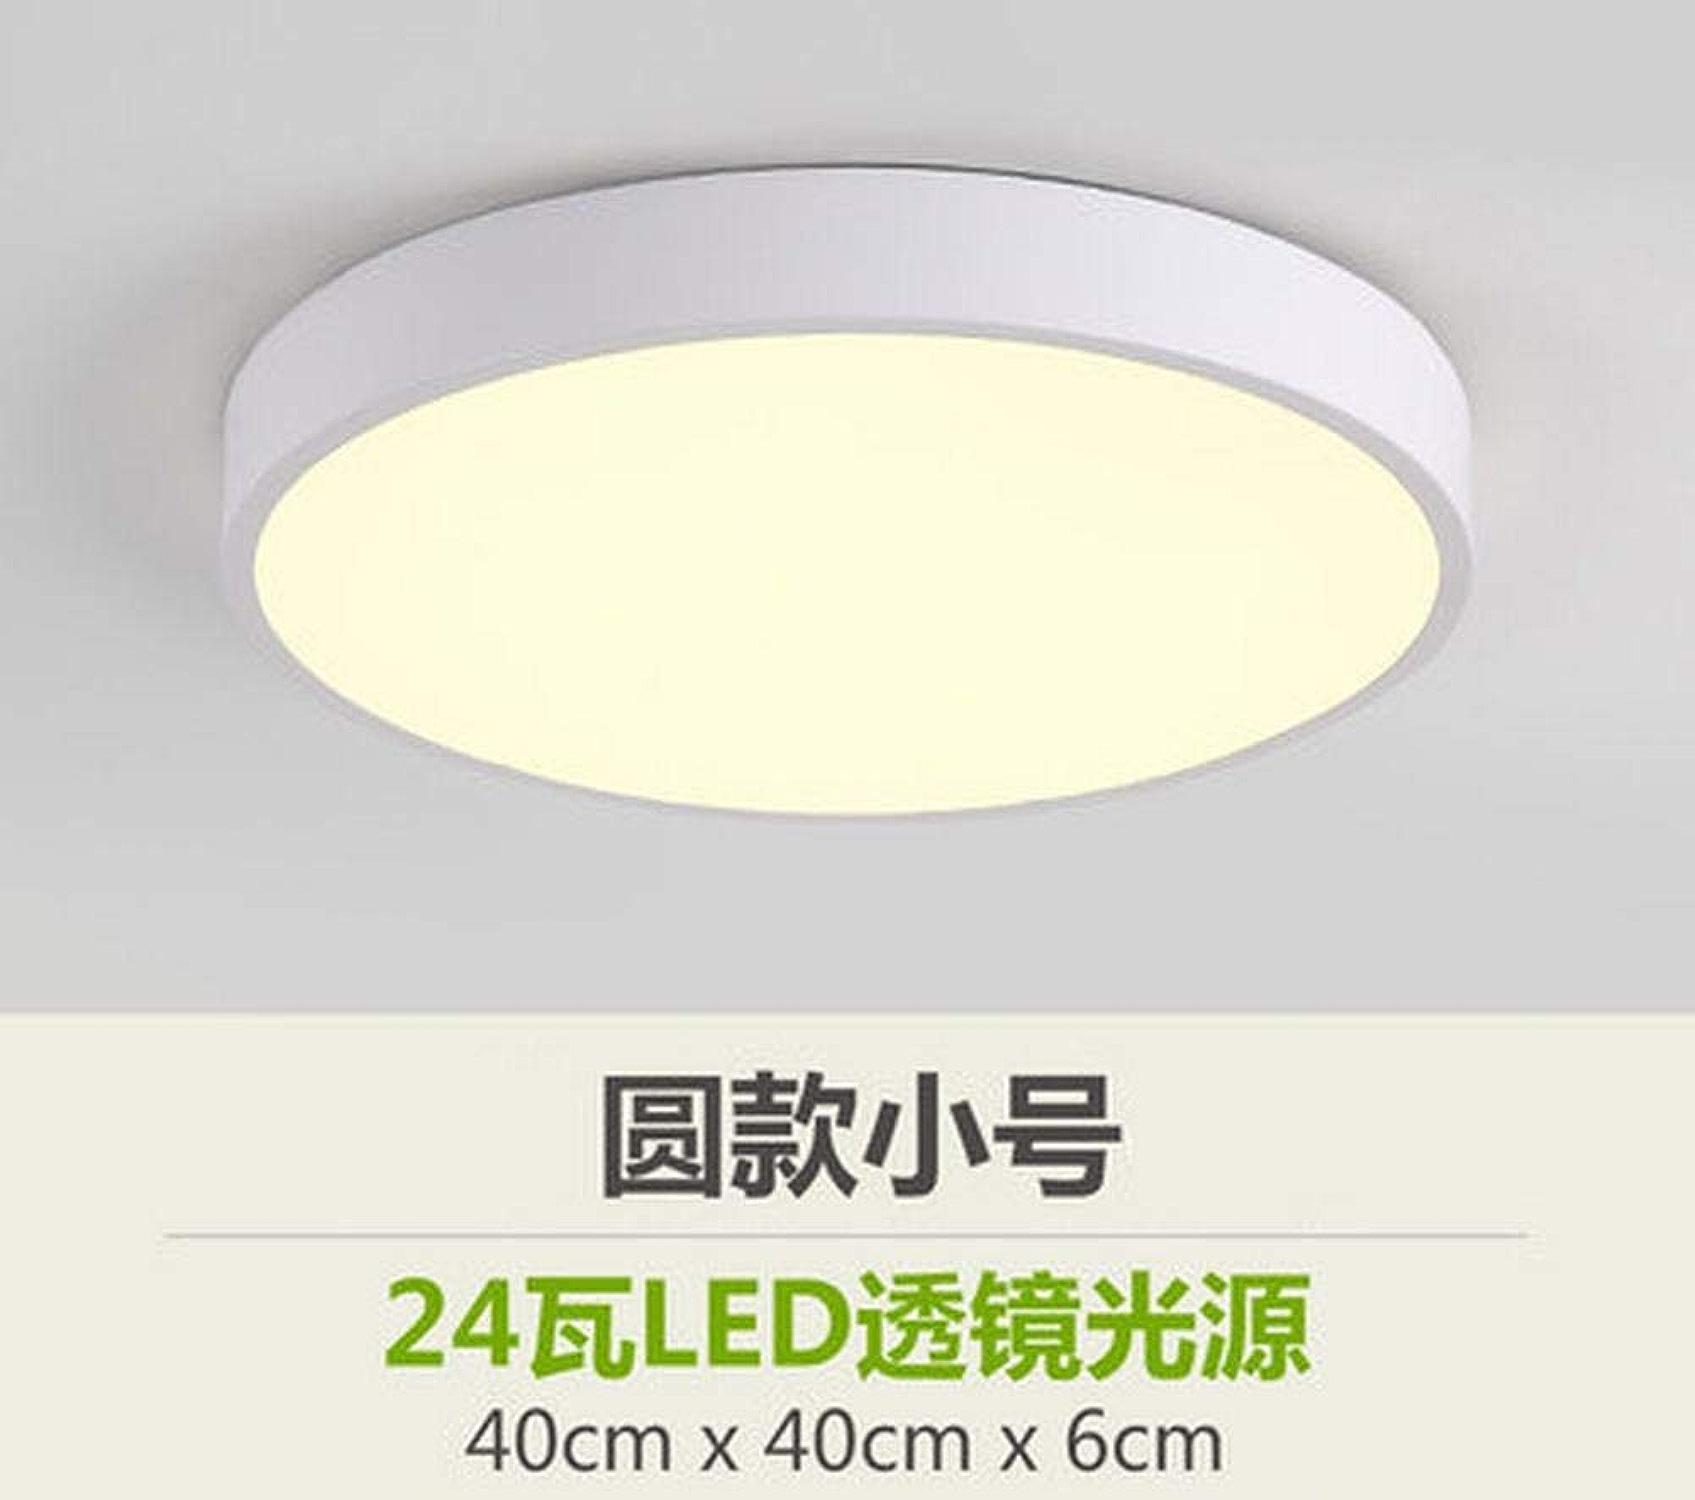 Zhouzhou666 Ledil Plafonnier Moderne Chambre Salon Salle à Manger Bureau Couloir Lumière Allume, Lumière TriCouleure 24W